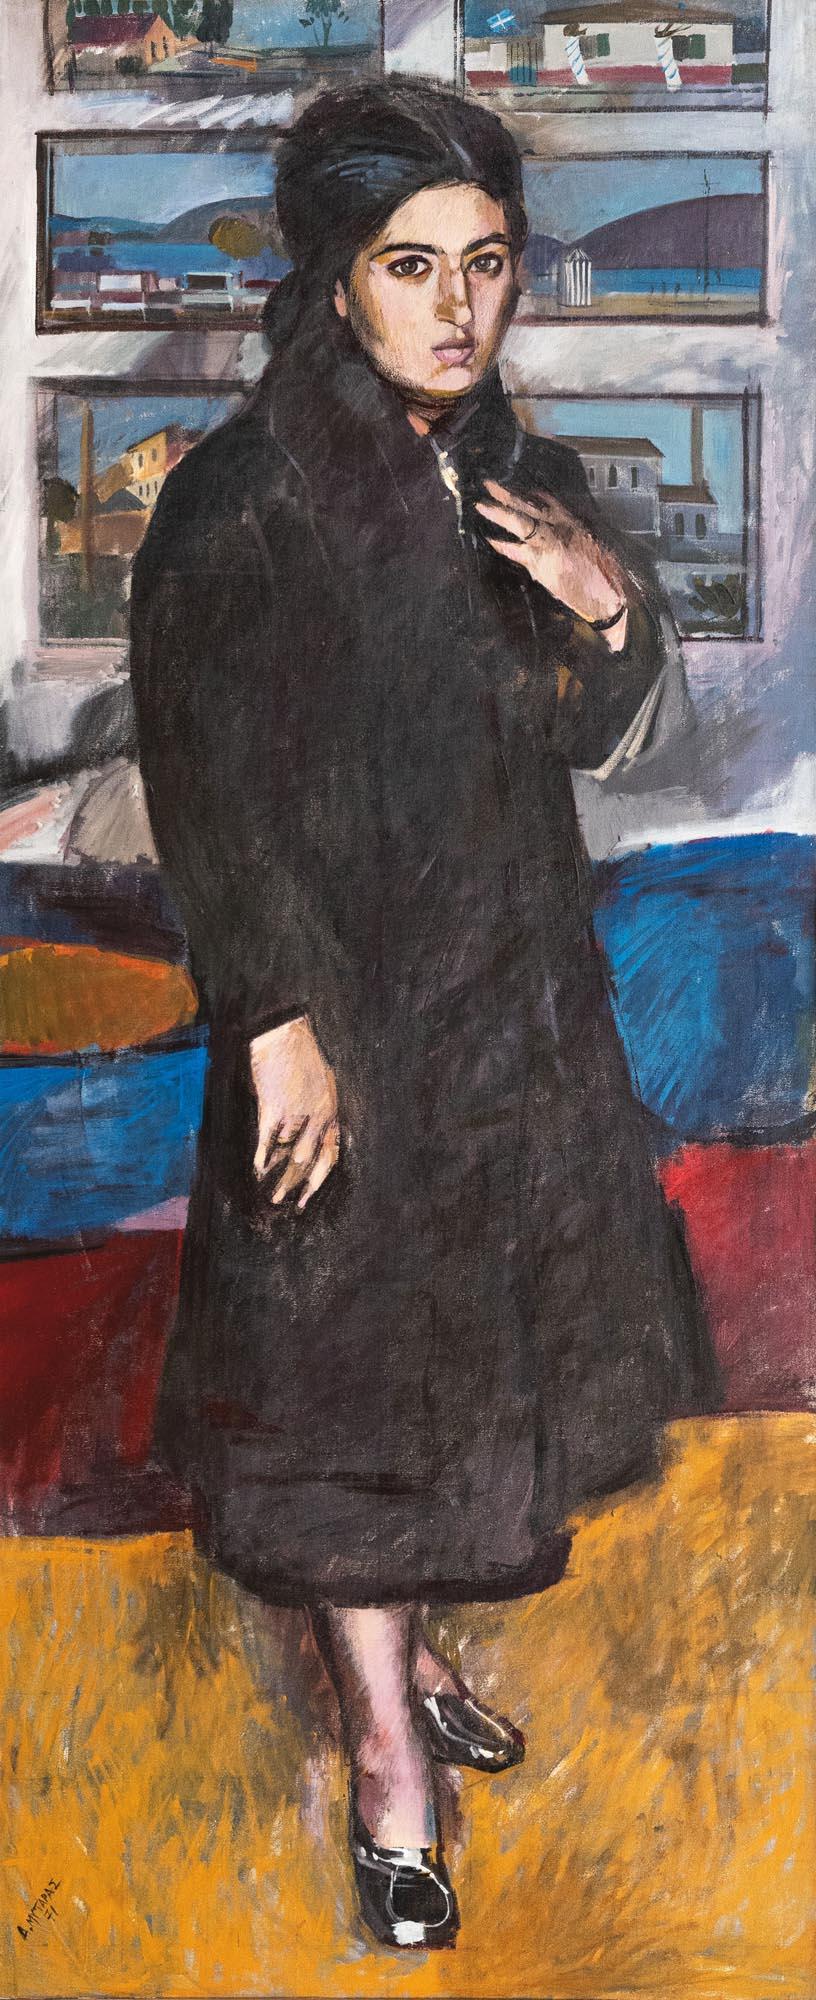 Προσωπογραφία της Κ.Θ. φιλοτεχνημένη από τον Δημήτρη Μυταρά